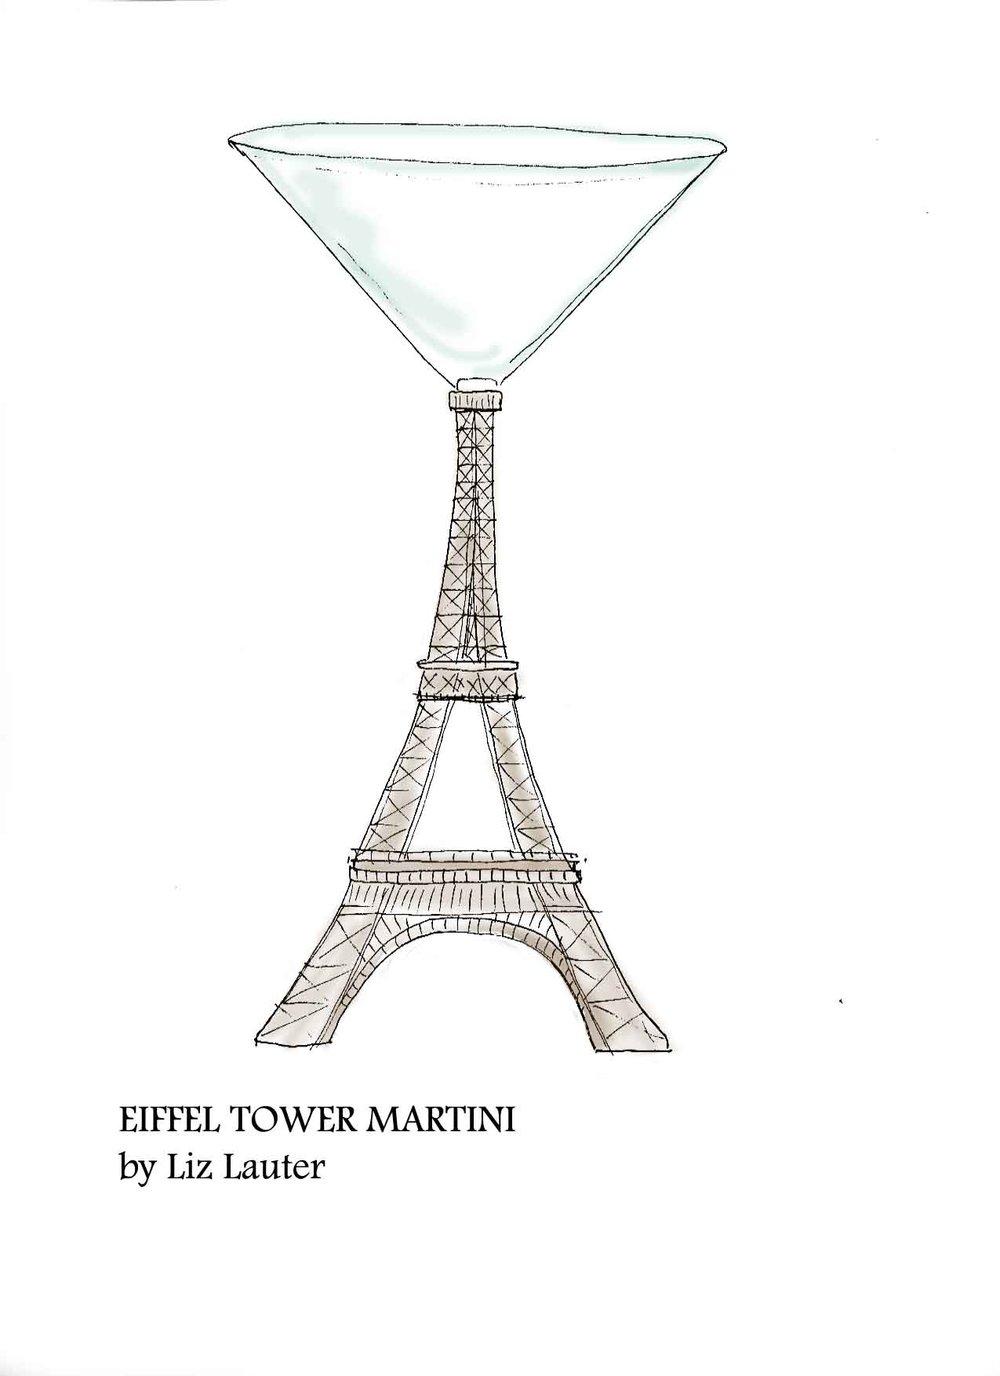 eiffel tower martini.jpg